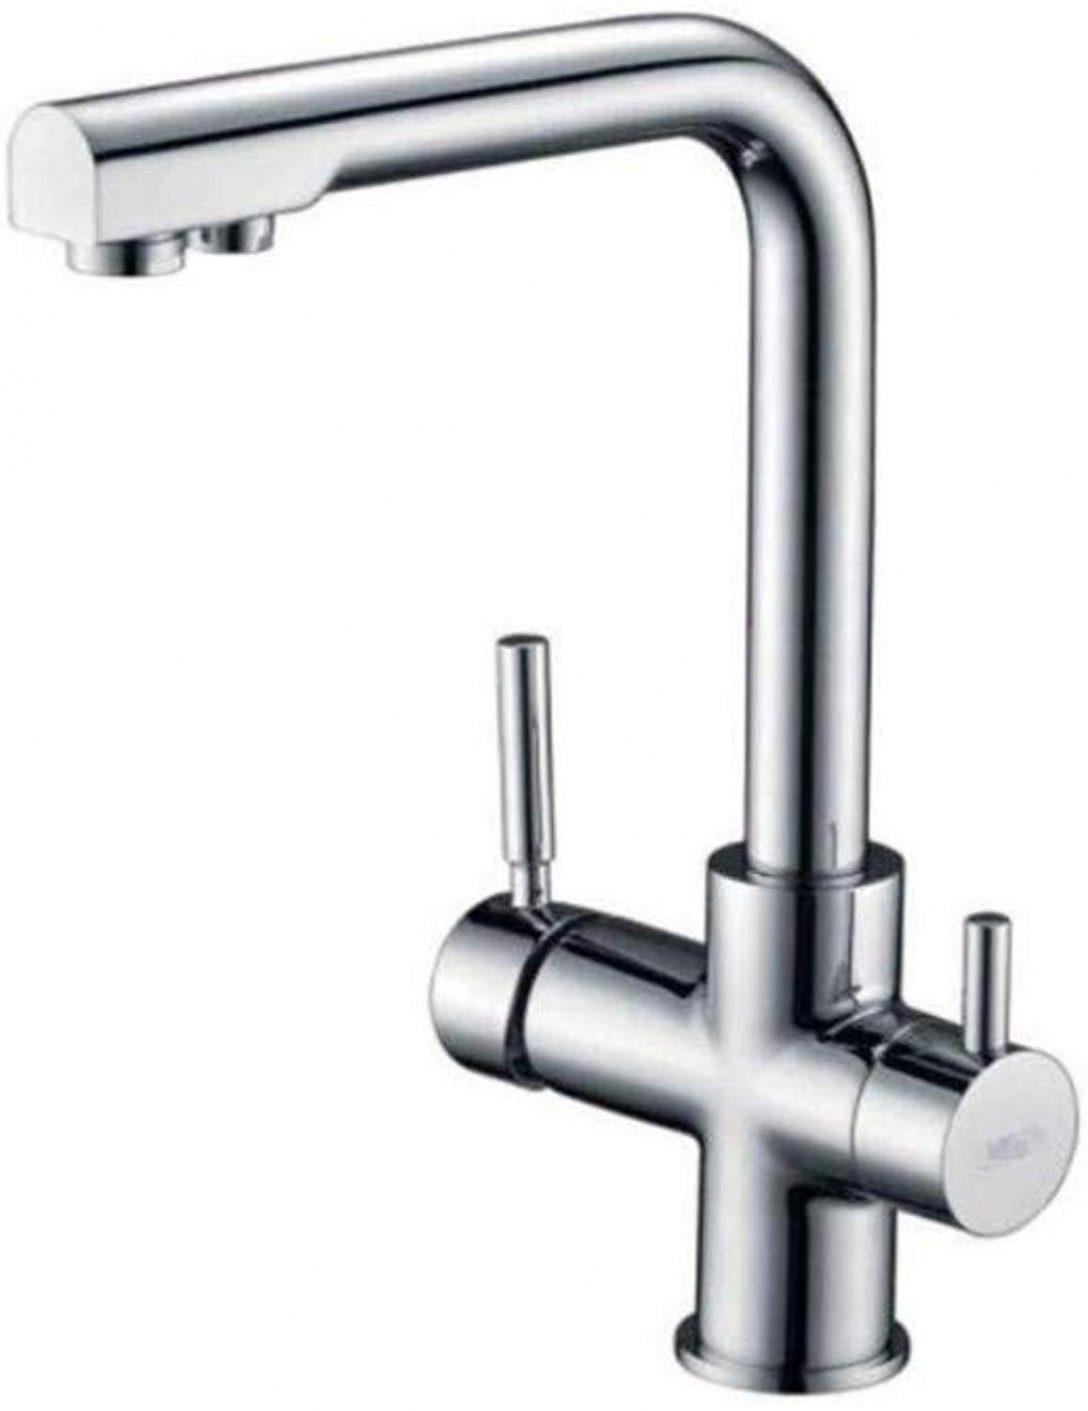 Large Size of Küche Wasserhahn Montieren Anleitung Küche Wasserhahn Aufsatz Durchlauferhitzer Küche Wasserhahn Retro Küche Wasserhahn Küche Küche Wasserhahn